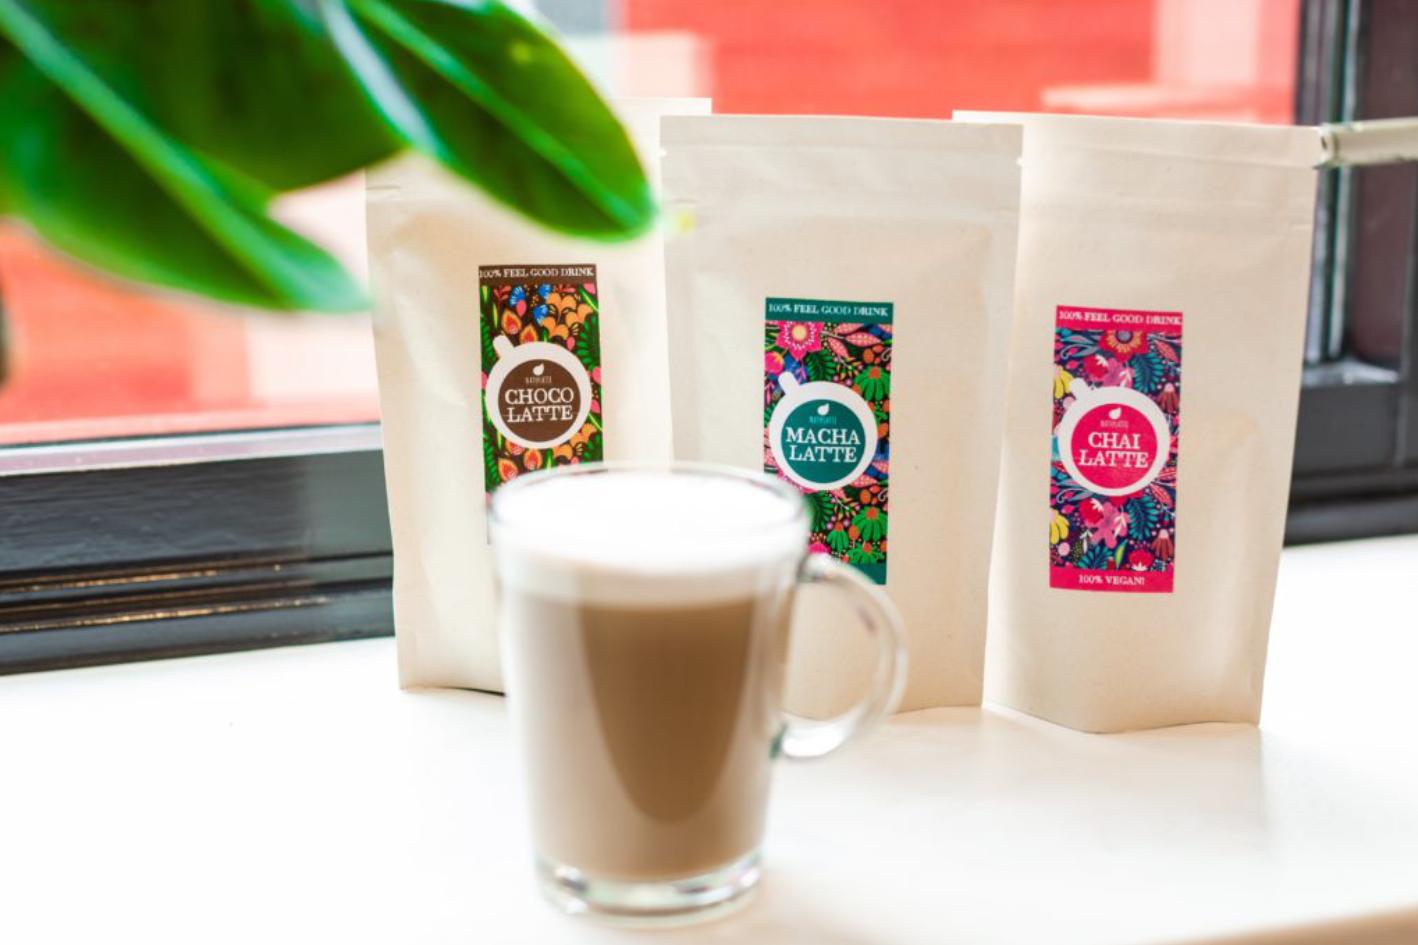 De vegan alternatief voor speciale koffie en koffieaccessoires van Natulatte